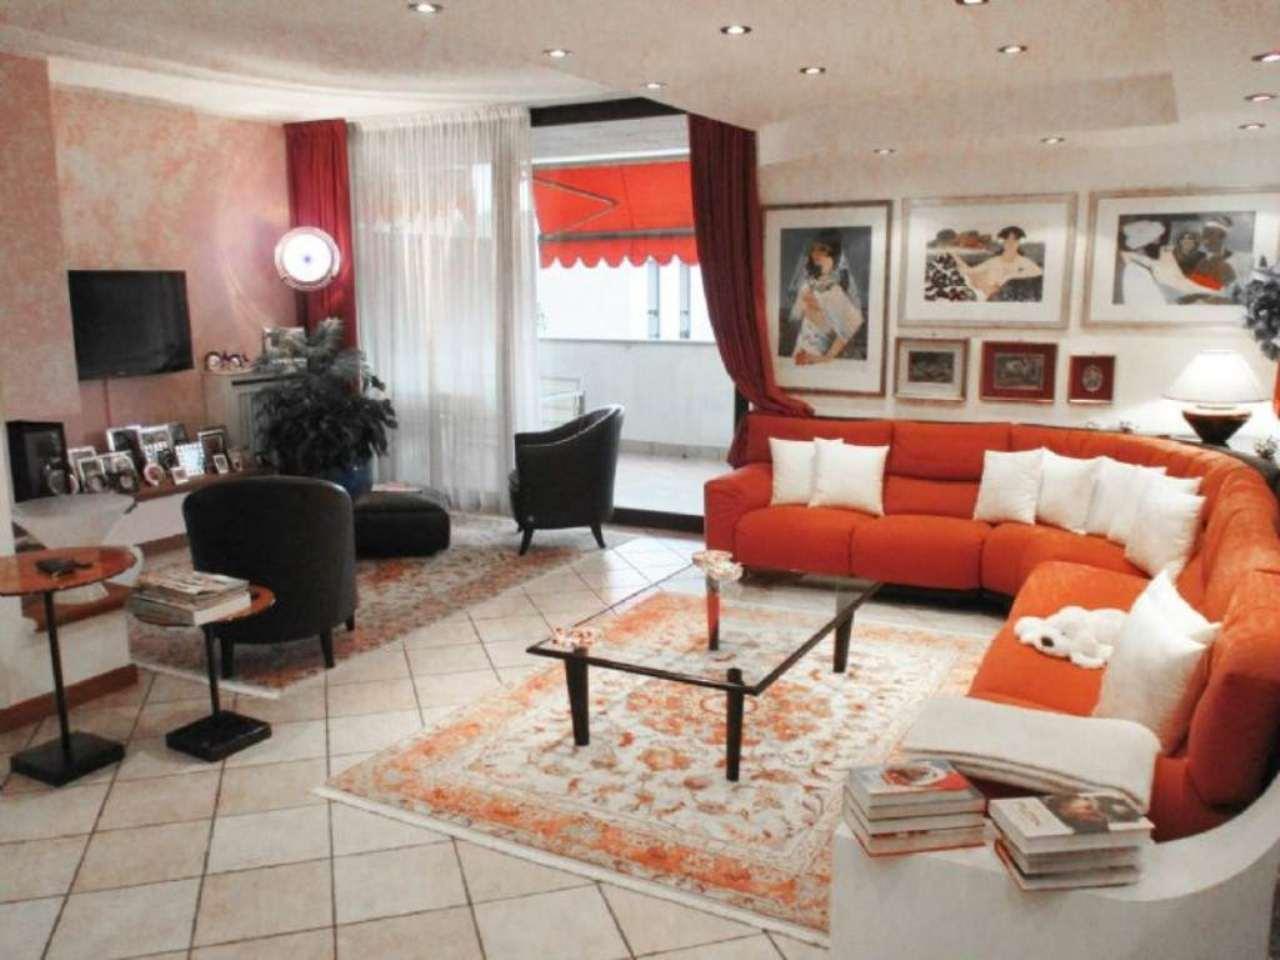 Casa saronno appartamenti e case in vendita for Case in vendita saronno